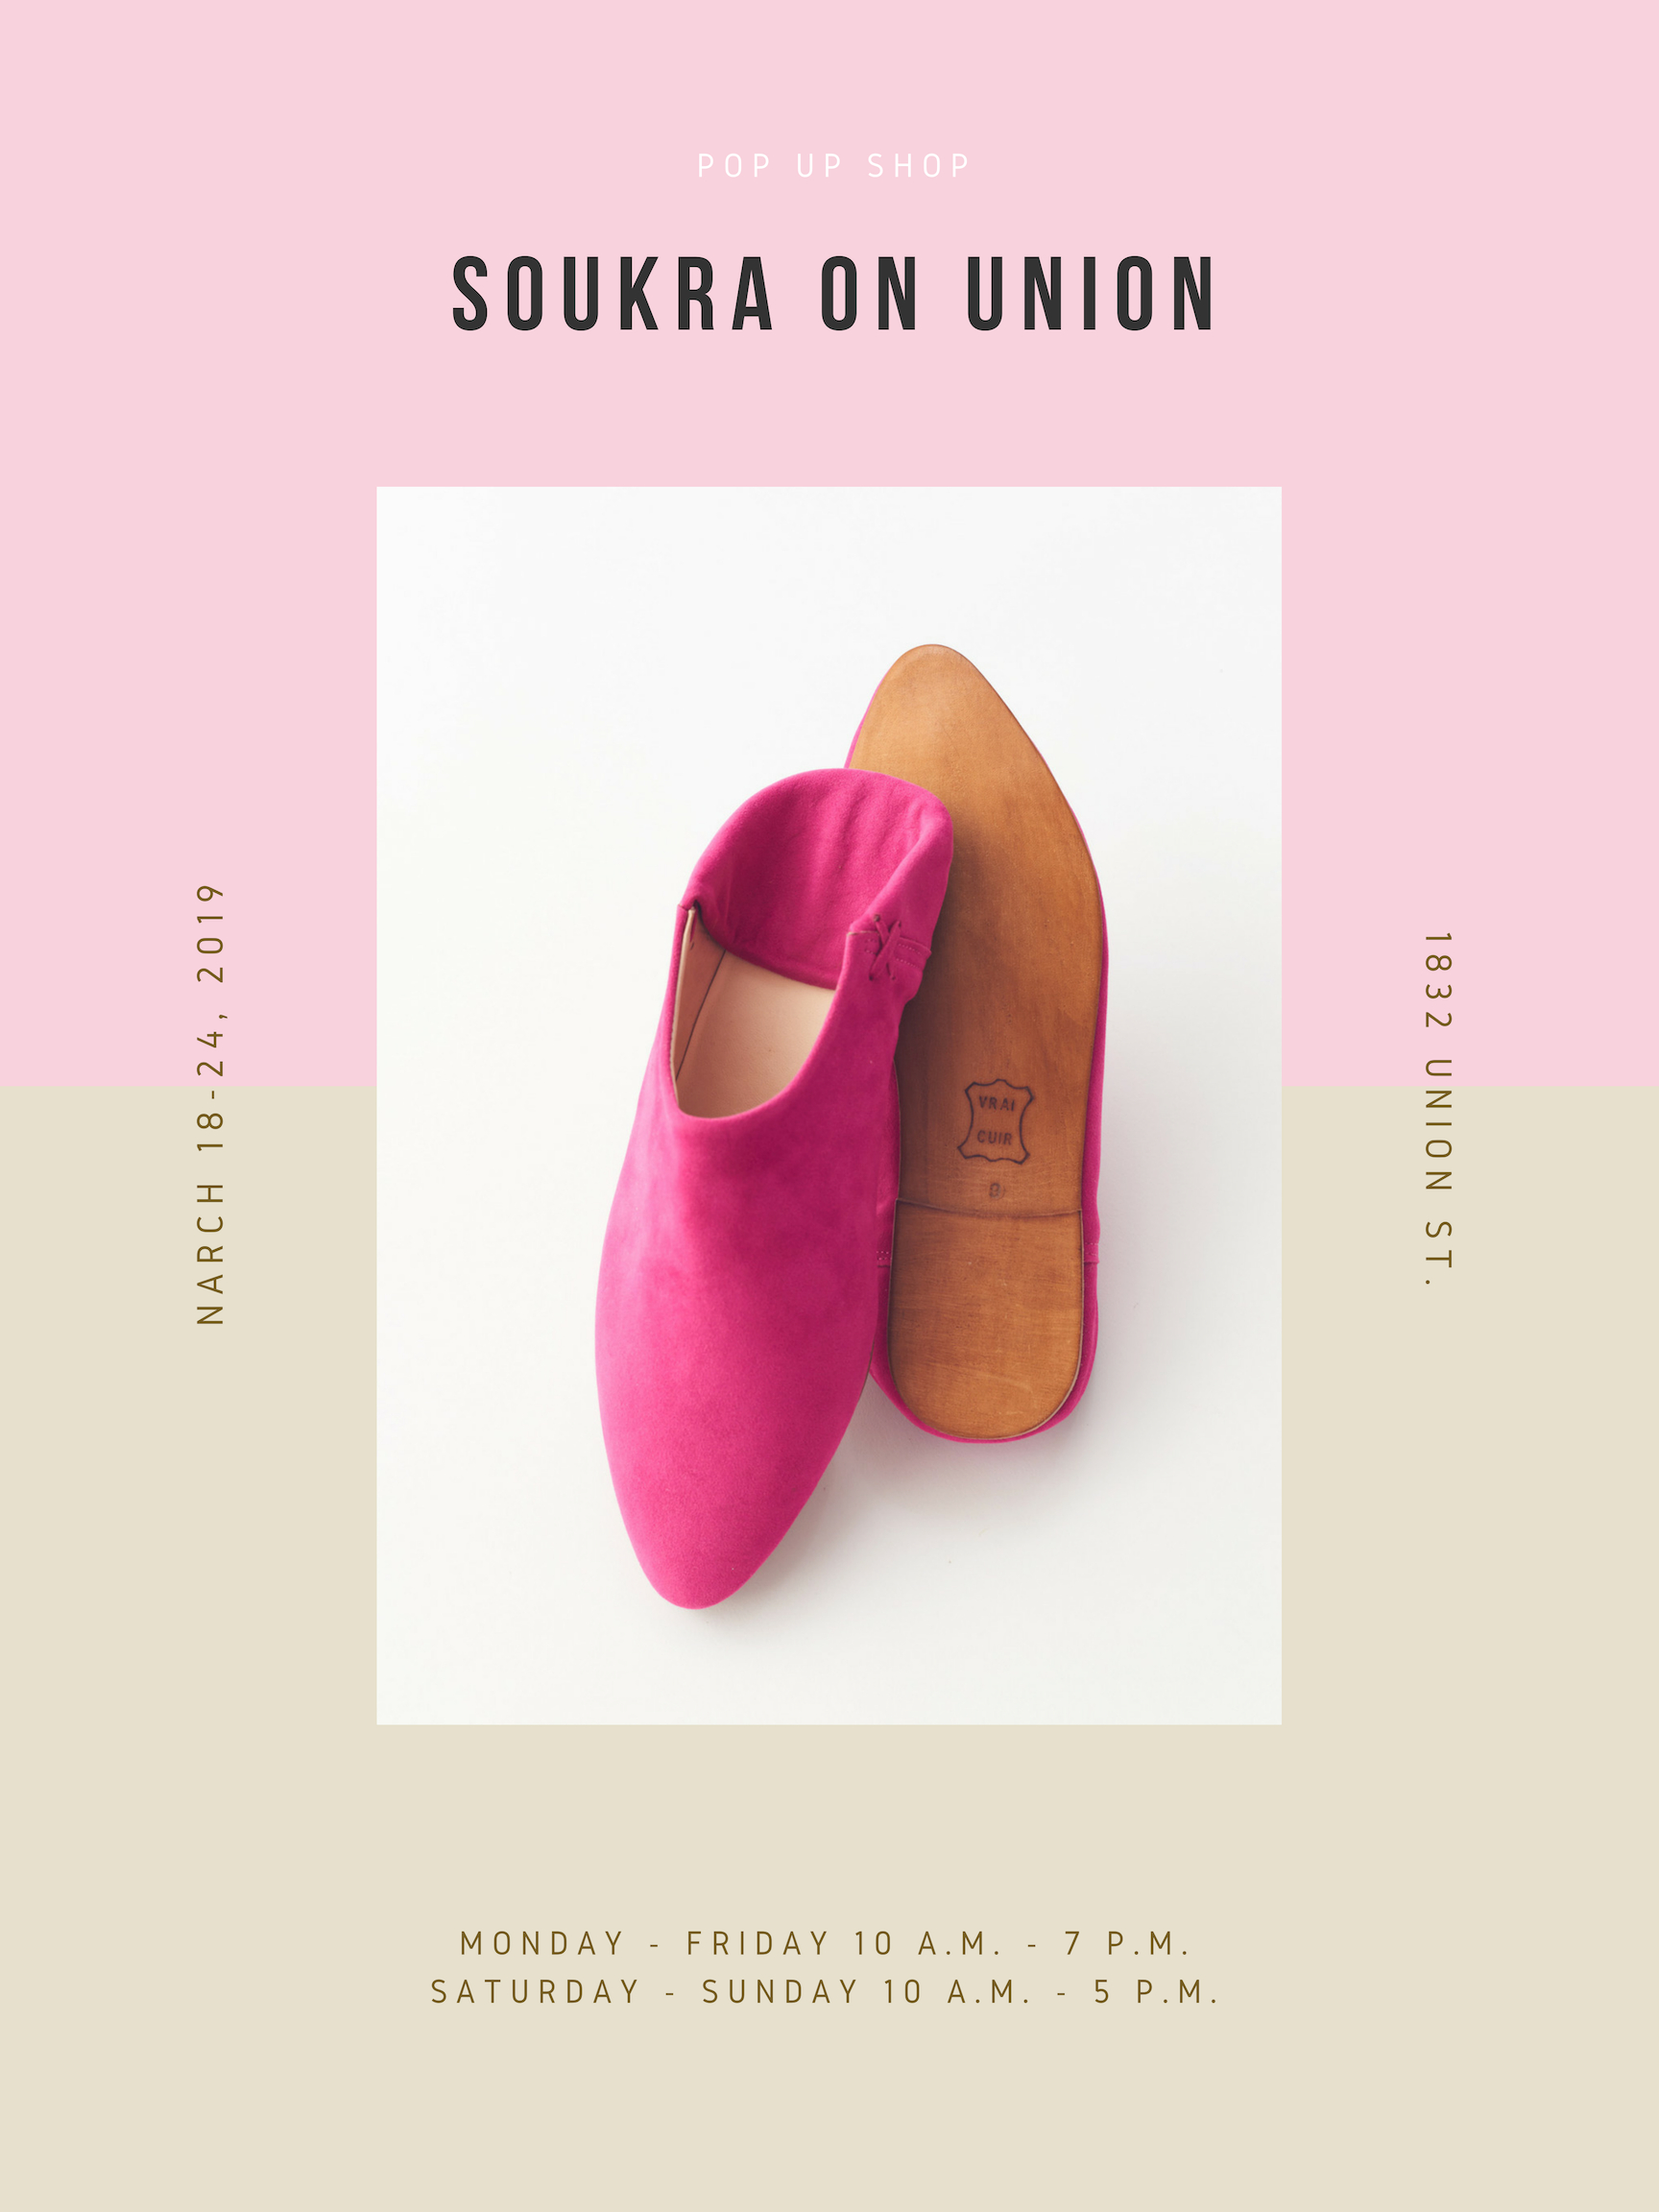 Copy of Soukra on union (1).jpg